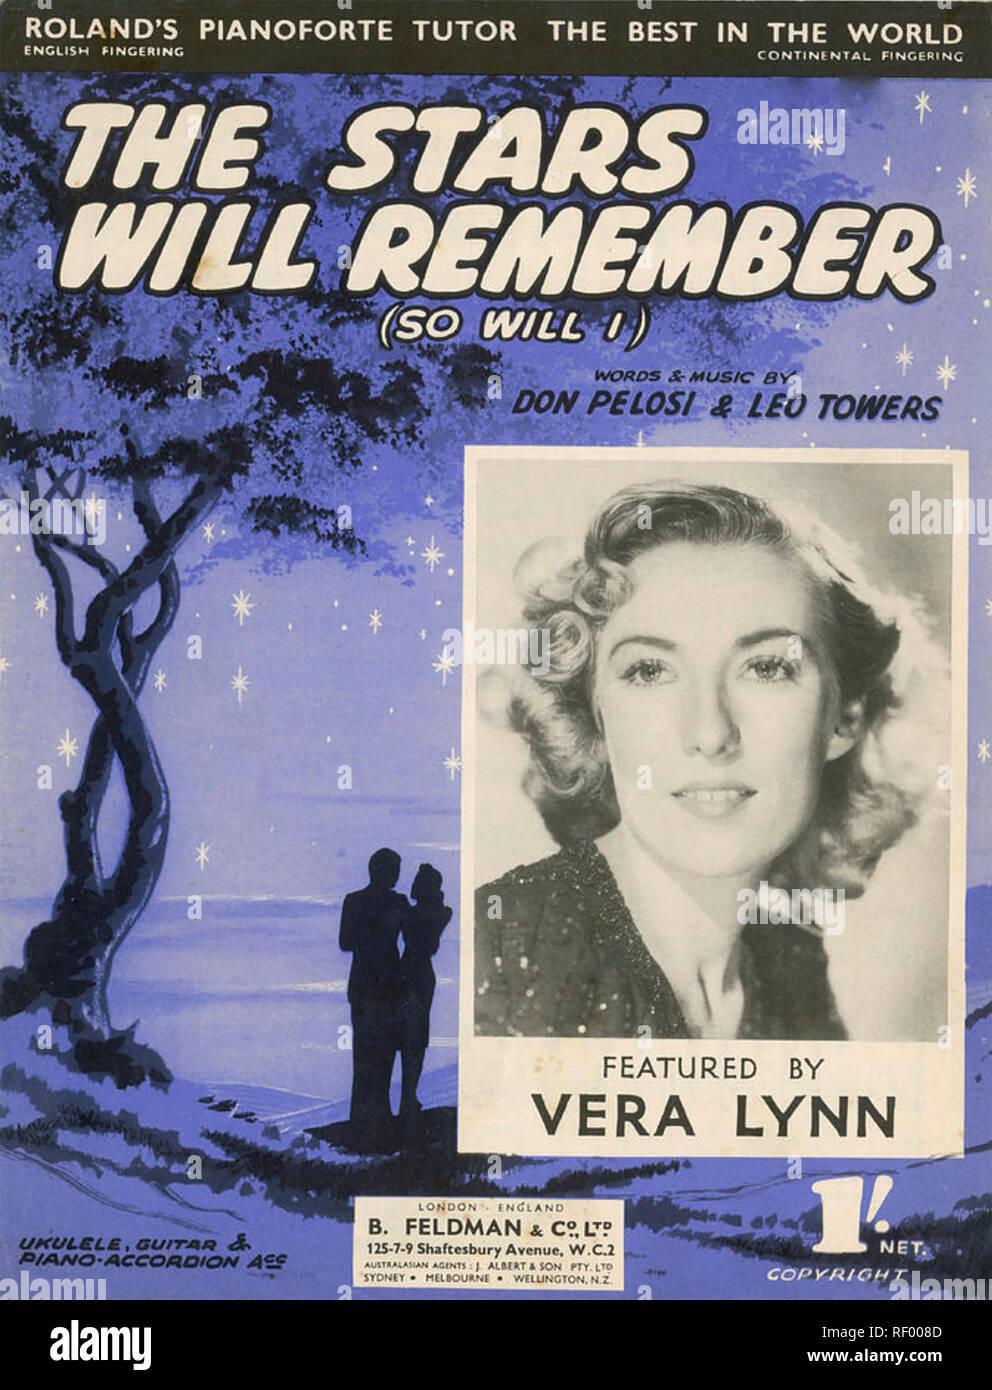 VERA LYNN Englisch populäre Musik Sänger auf die Noten Abdeckung Ihrer Aufnahme 1946 der Sterne werden sich daran erinnern, Stockbild